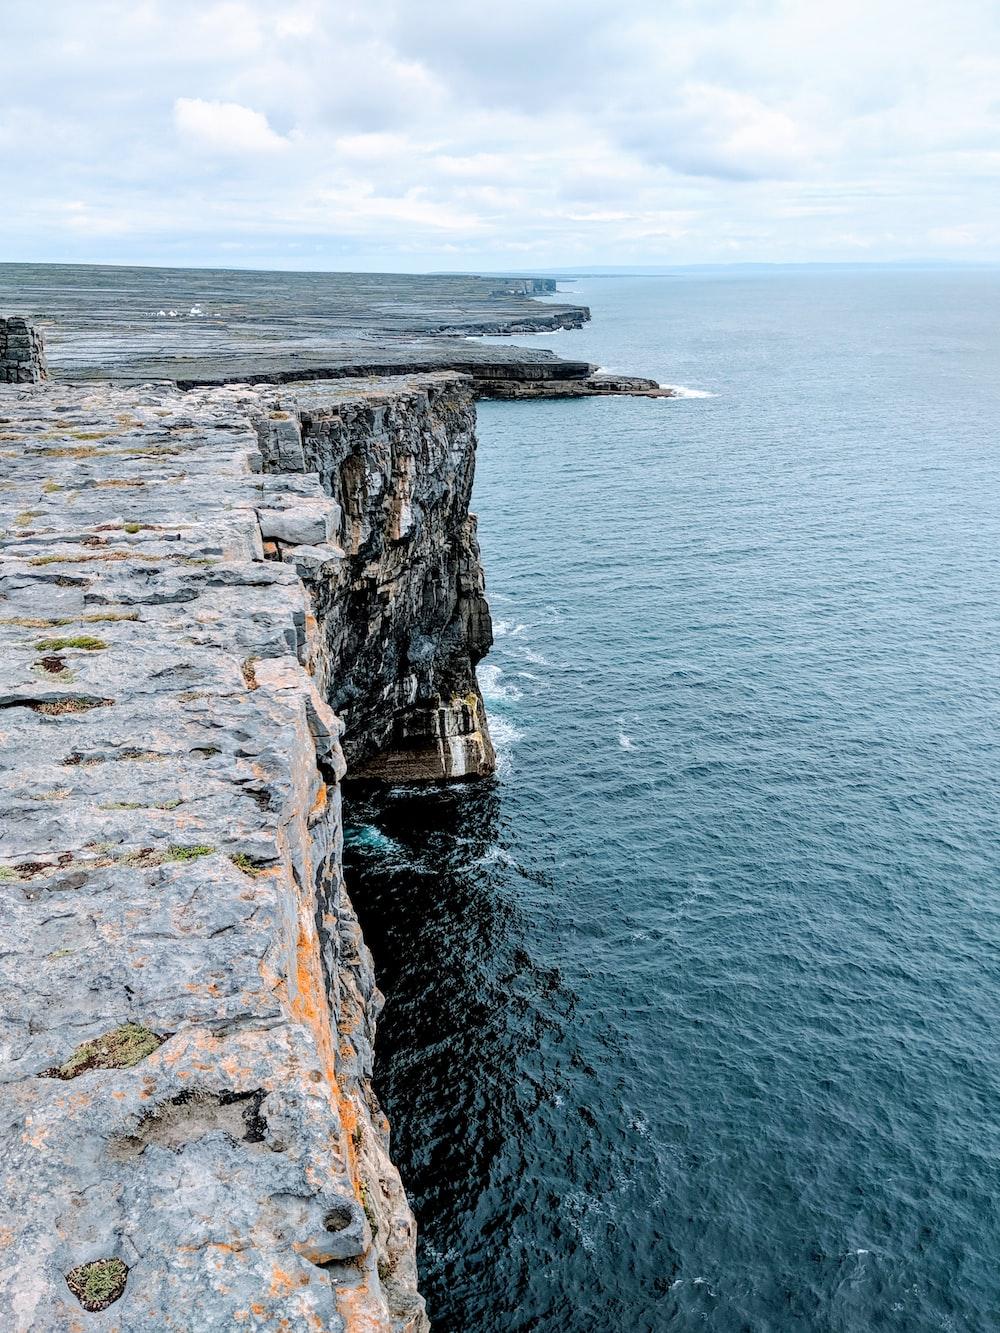 rocky cliff facing ocean